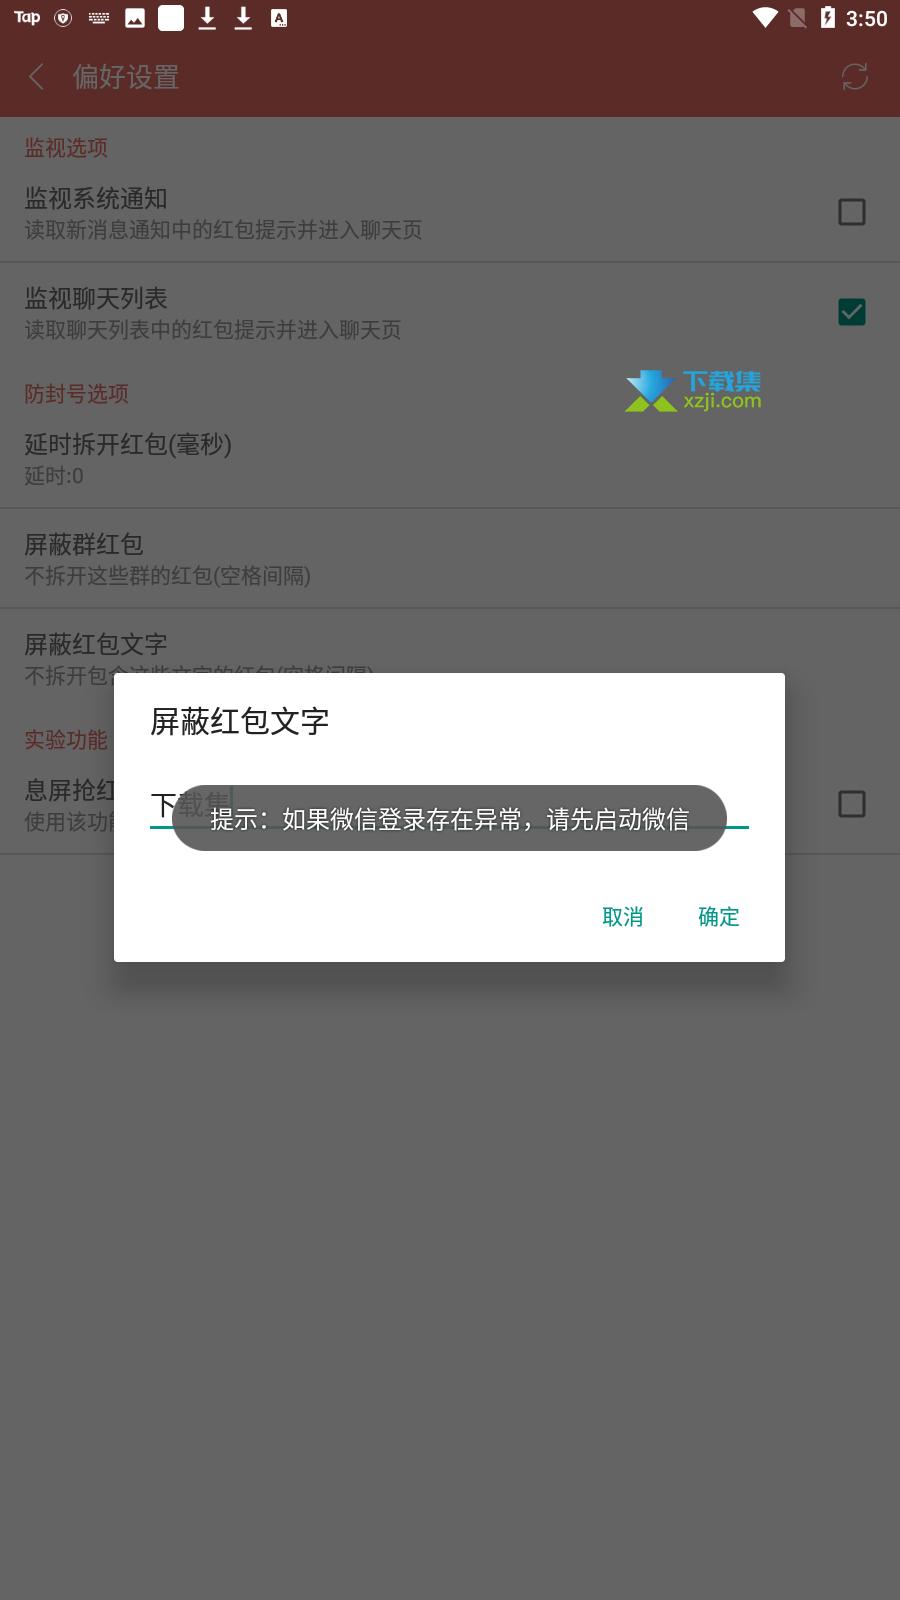 微信抢红包软件界面2